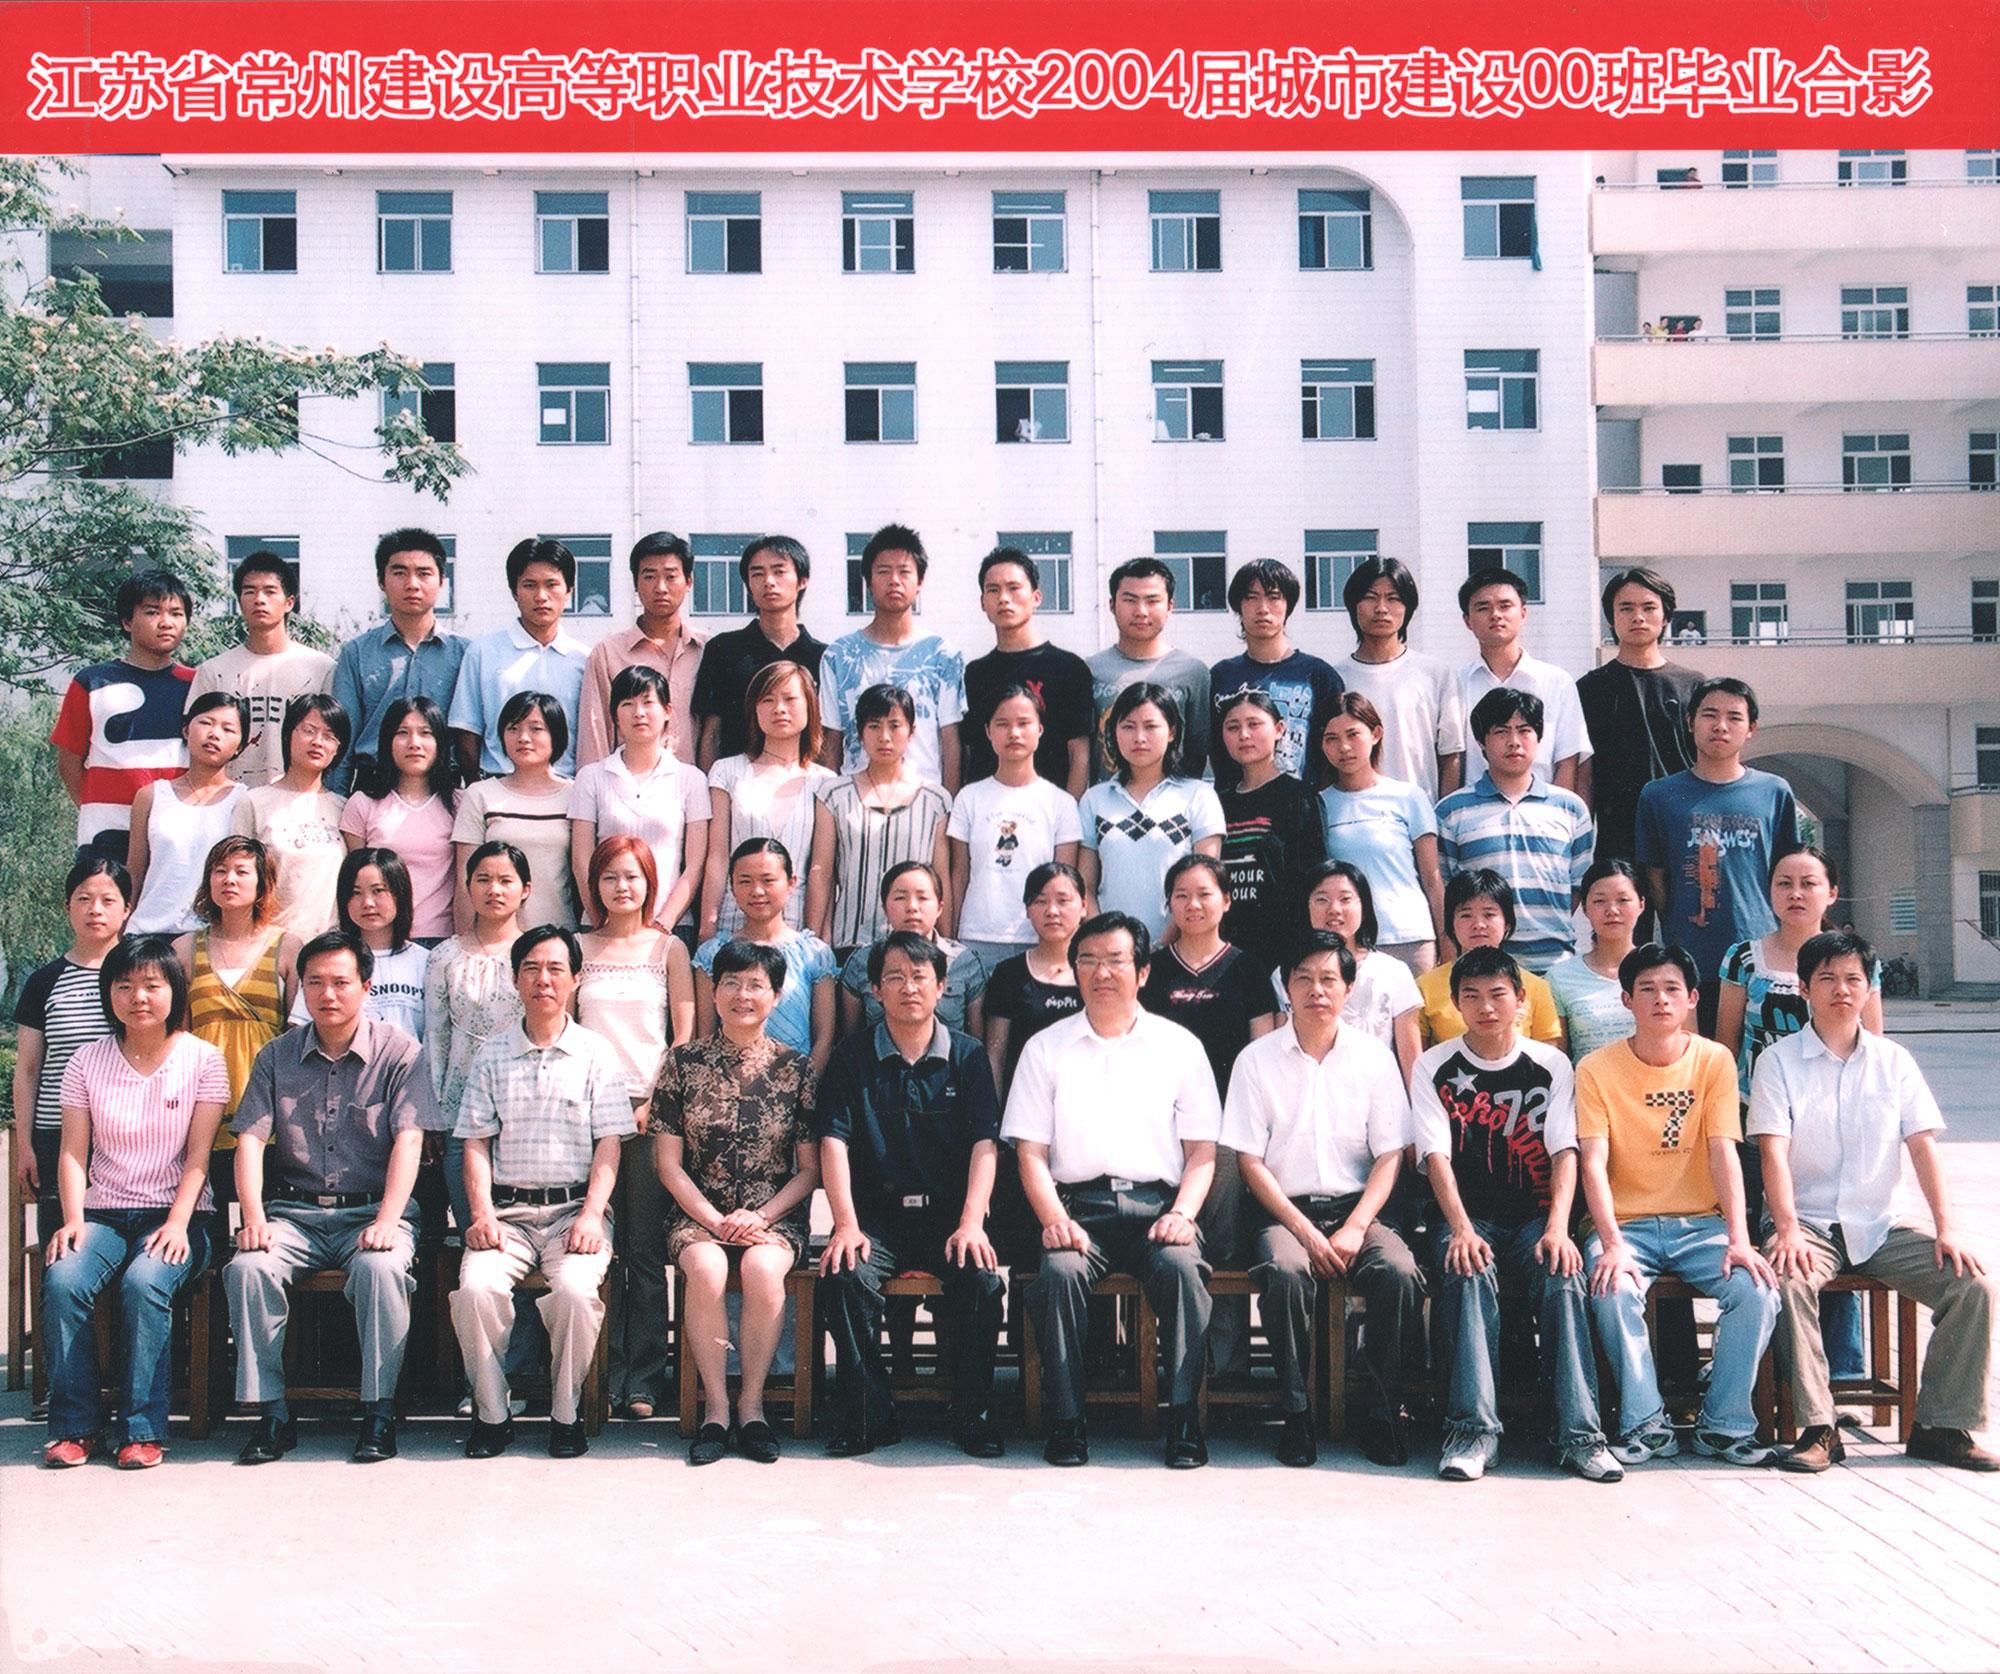 2004届城市建设00班毕业合影